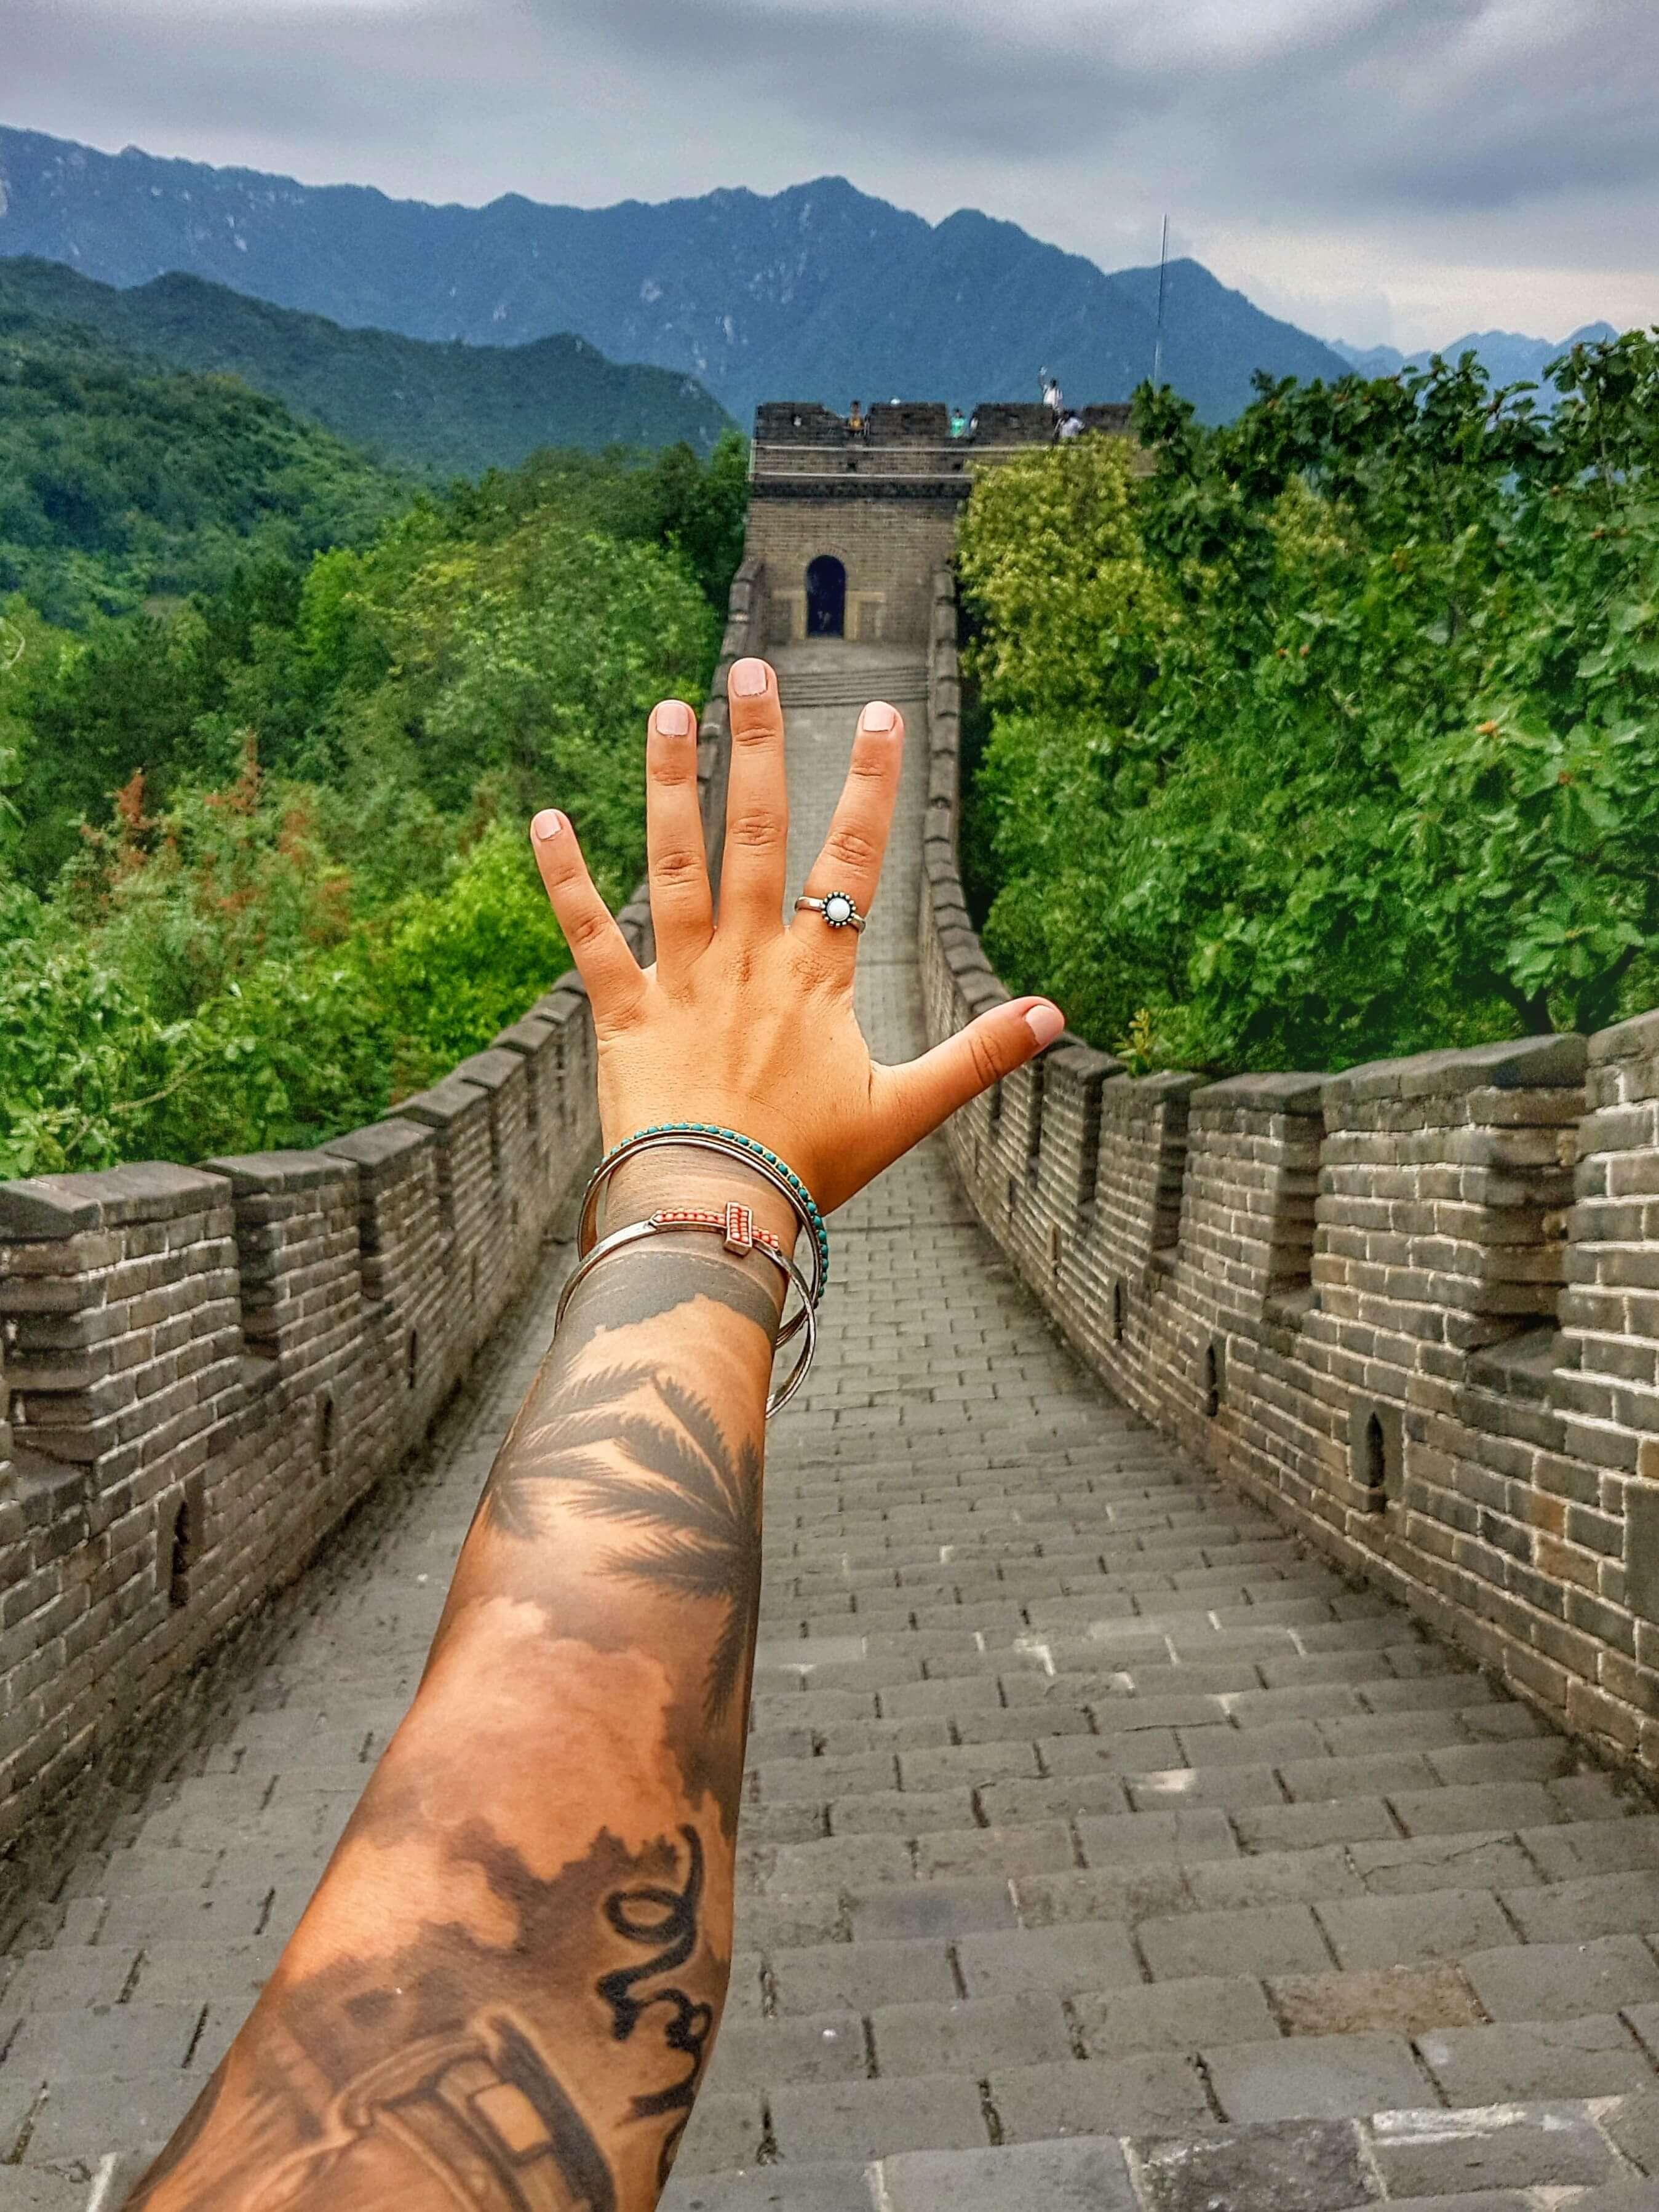 Chinesische Mauer - Fotoparade 02/17 - Salty toes Reiseblog